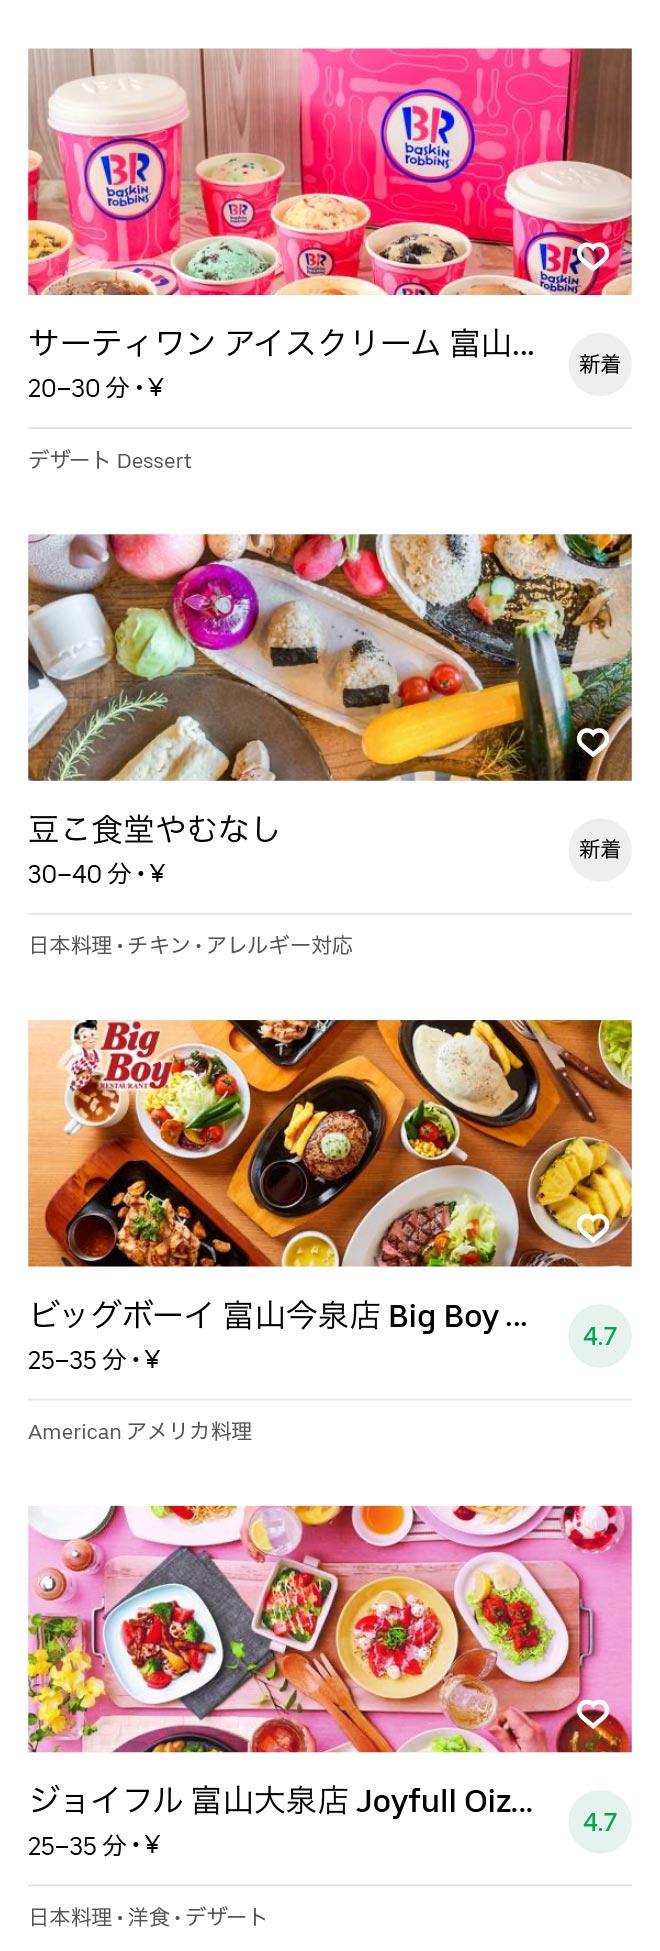 Minami toyama menu 2009 06